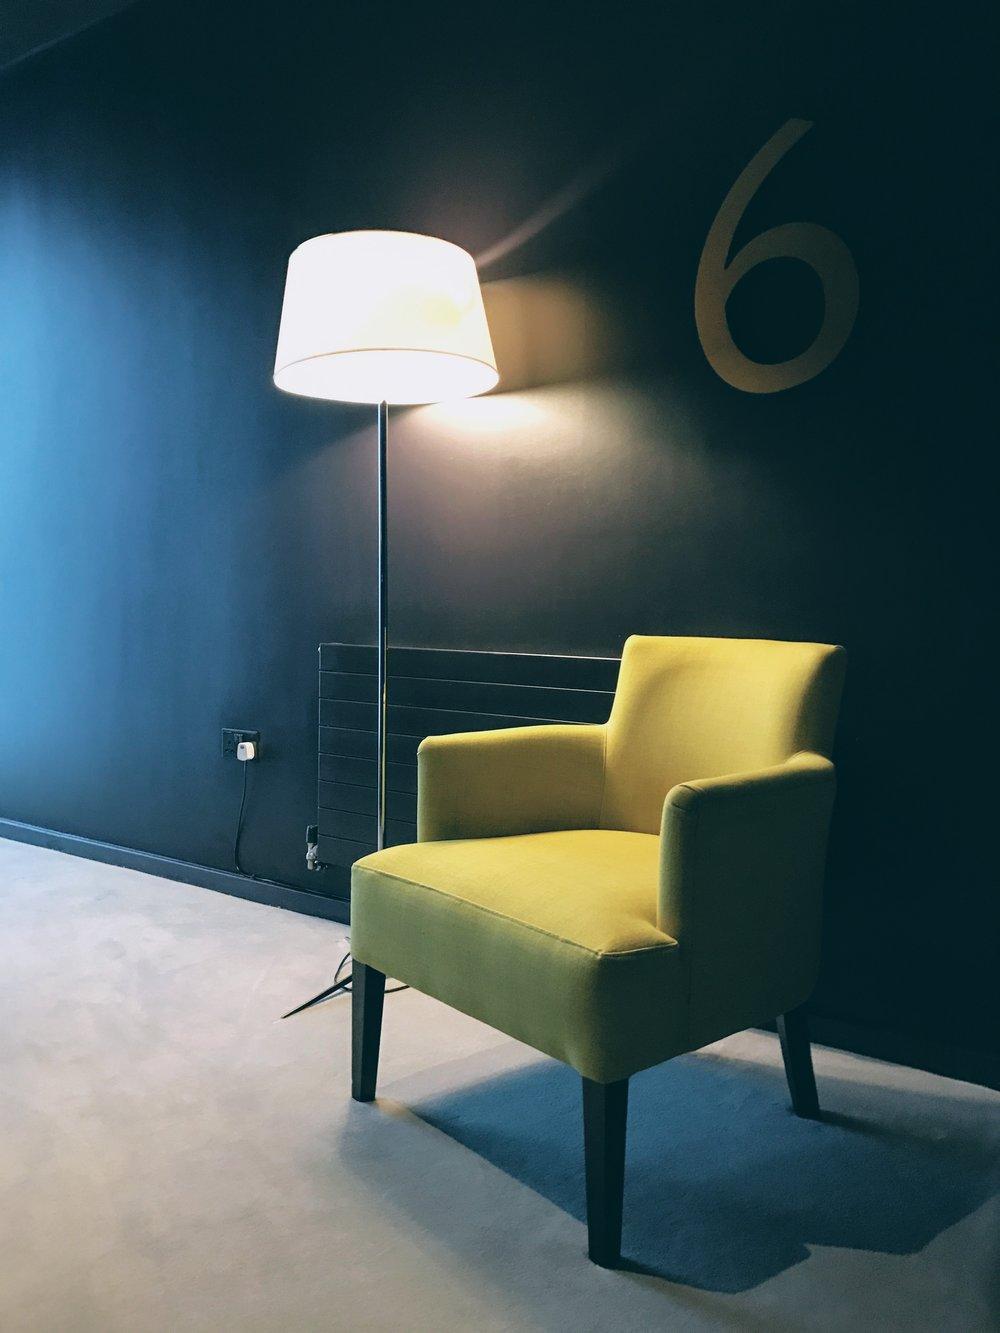 Upscale, modern and stylish interiors